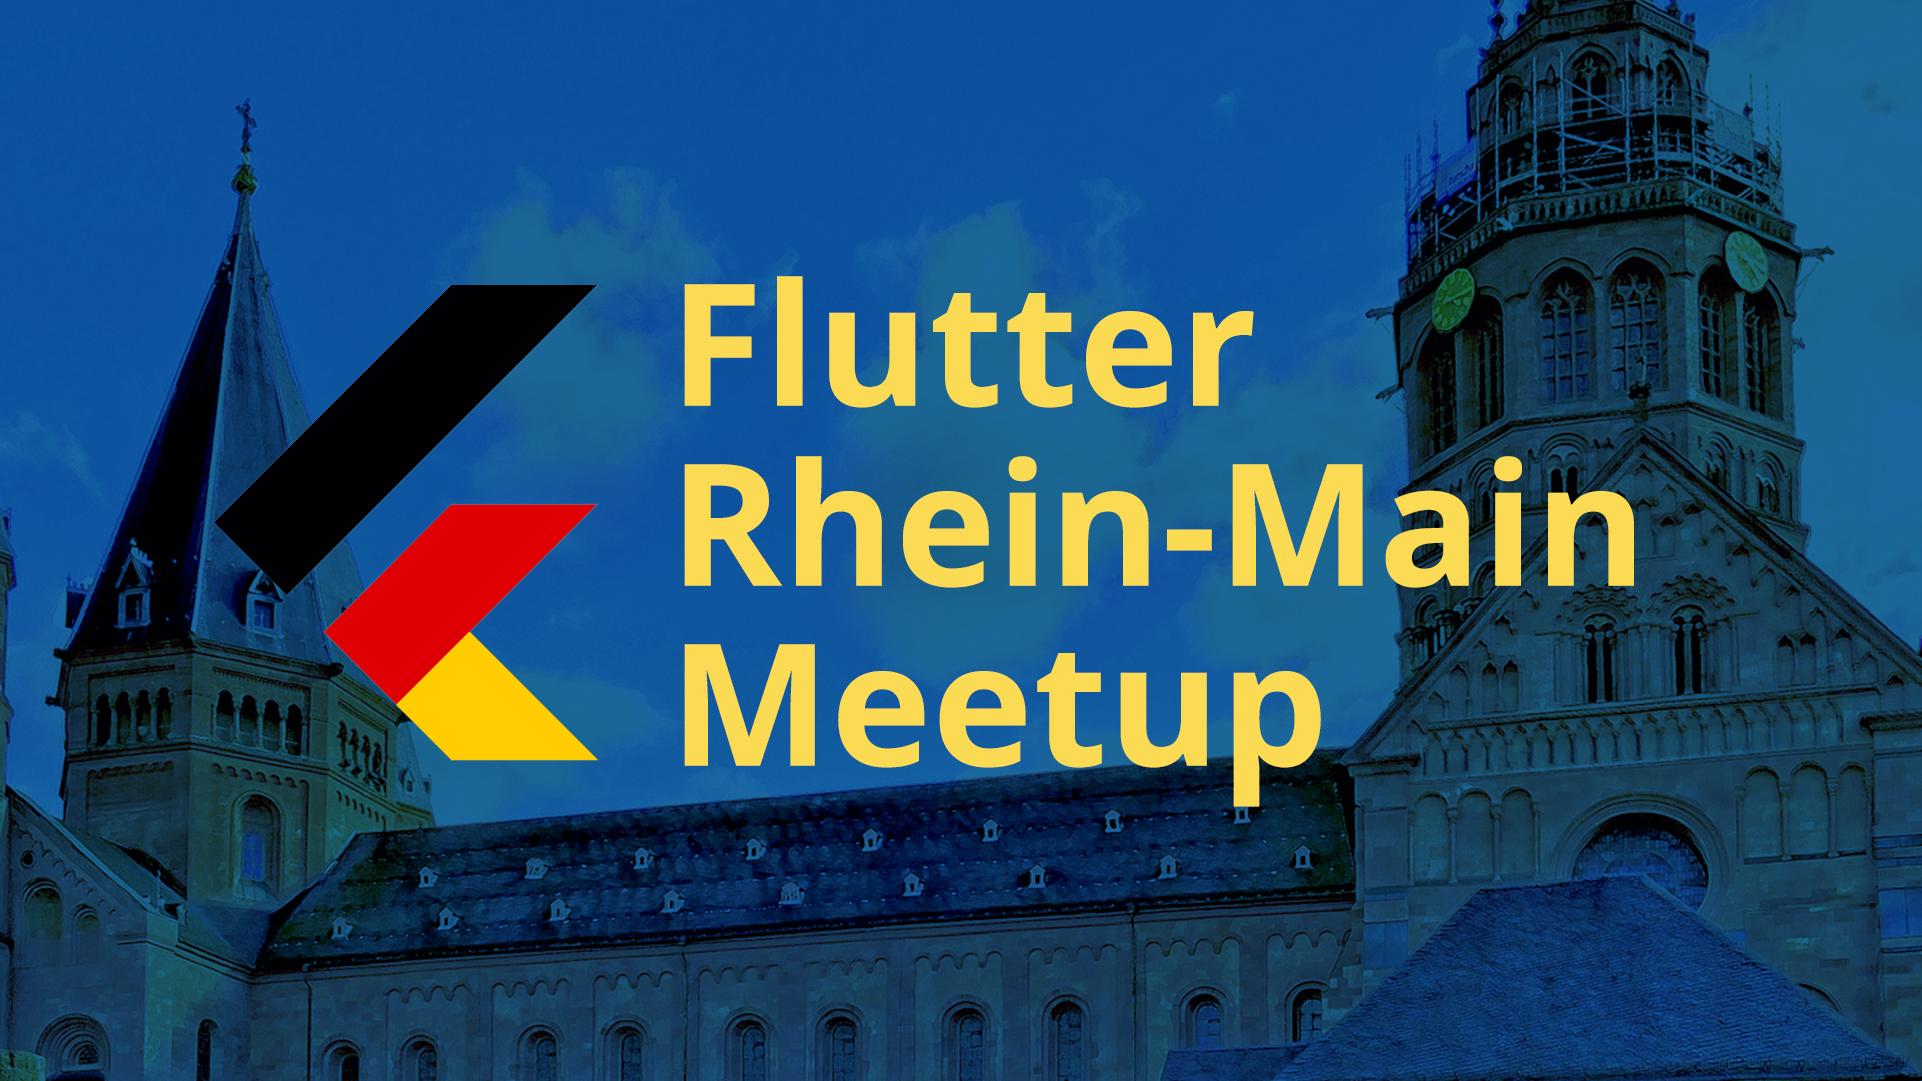 Rhein-Main Flutter Meetup